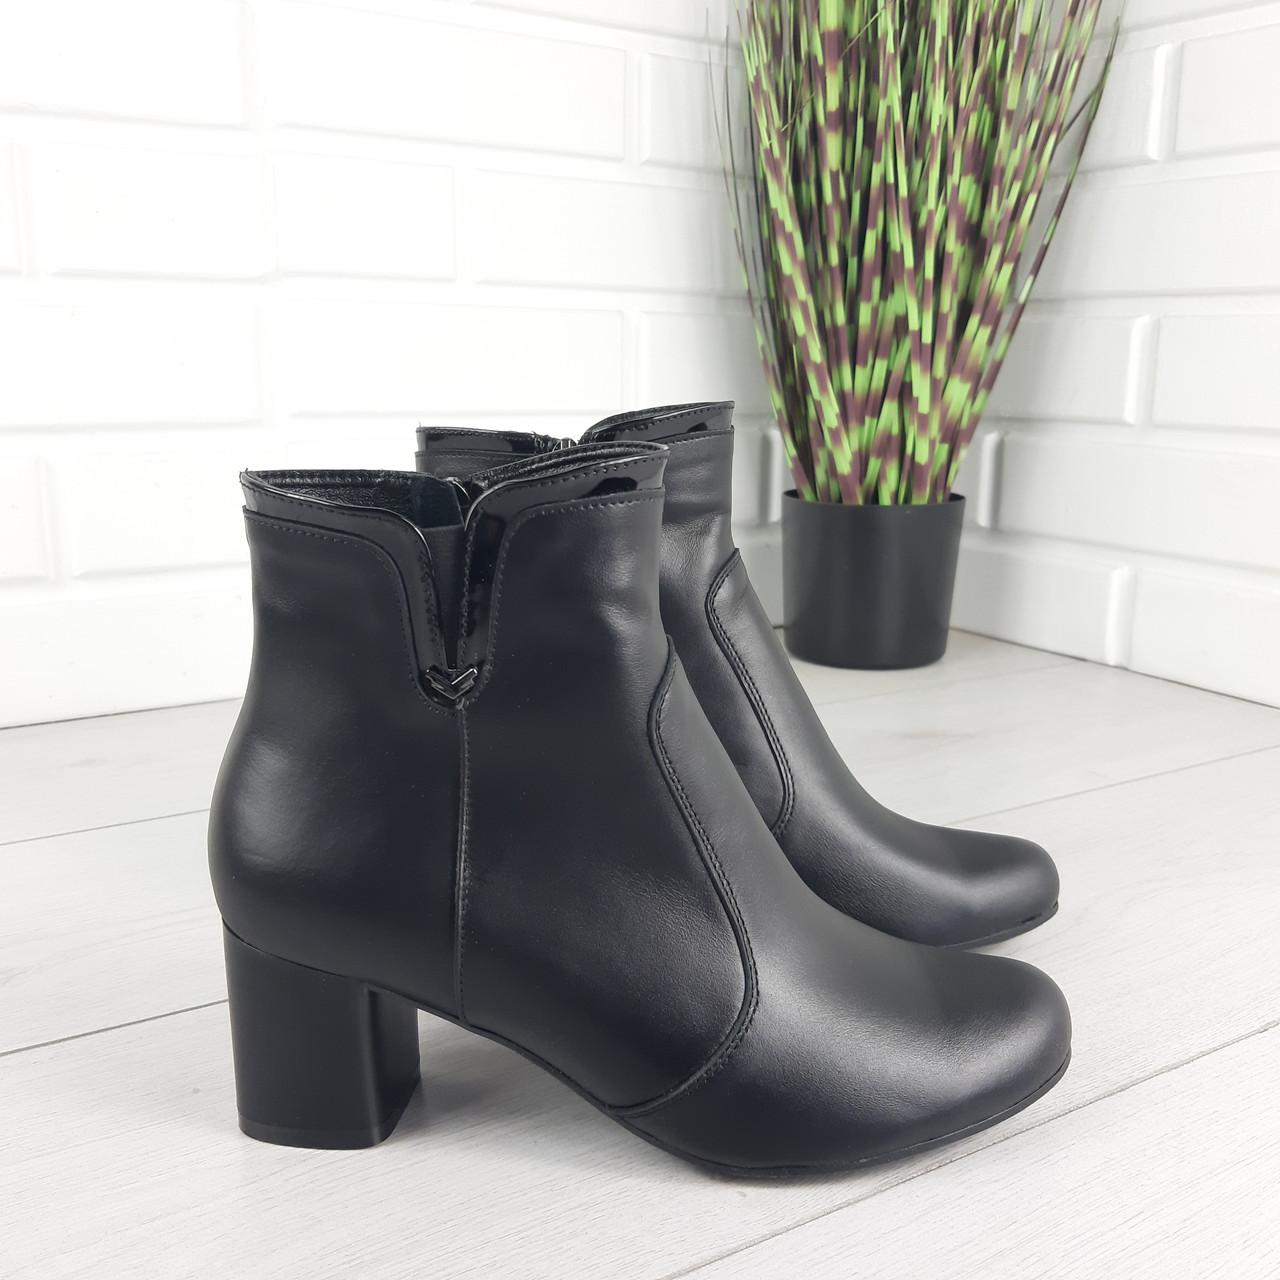 Ботинки женские демисезонные черные. Ботильоны на каблуке. Обувь женская. Обувь деми. Натуральная кожа